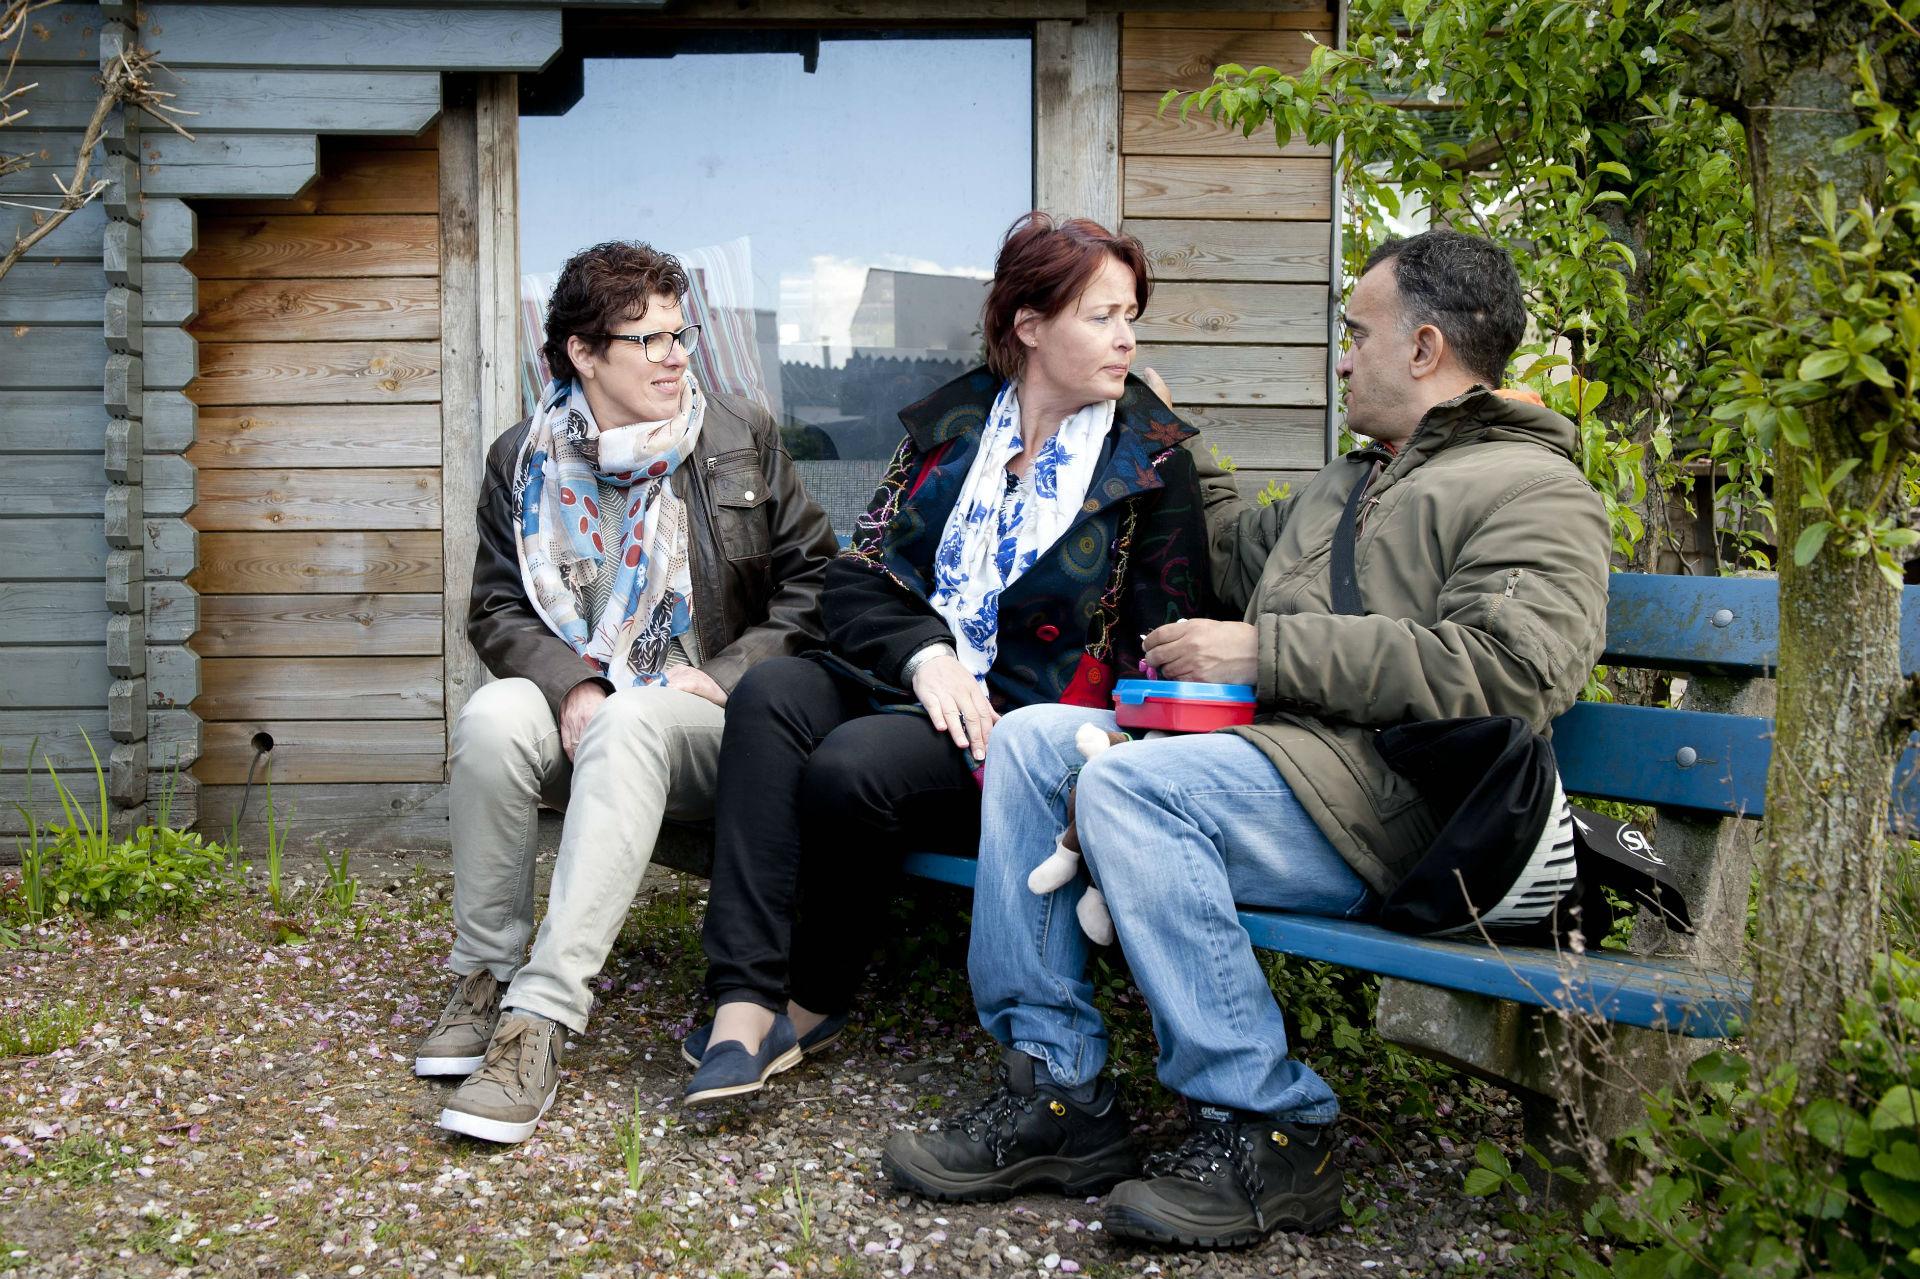 Cliëntadviseurs Cathy van der Wouden en Eveline Boekema